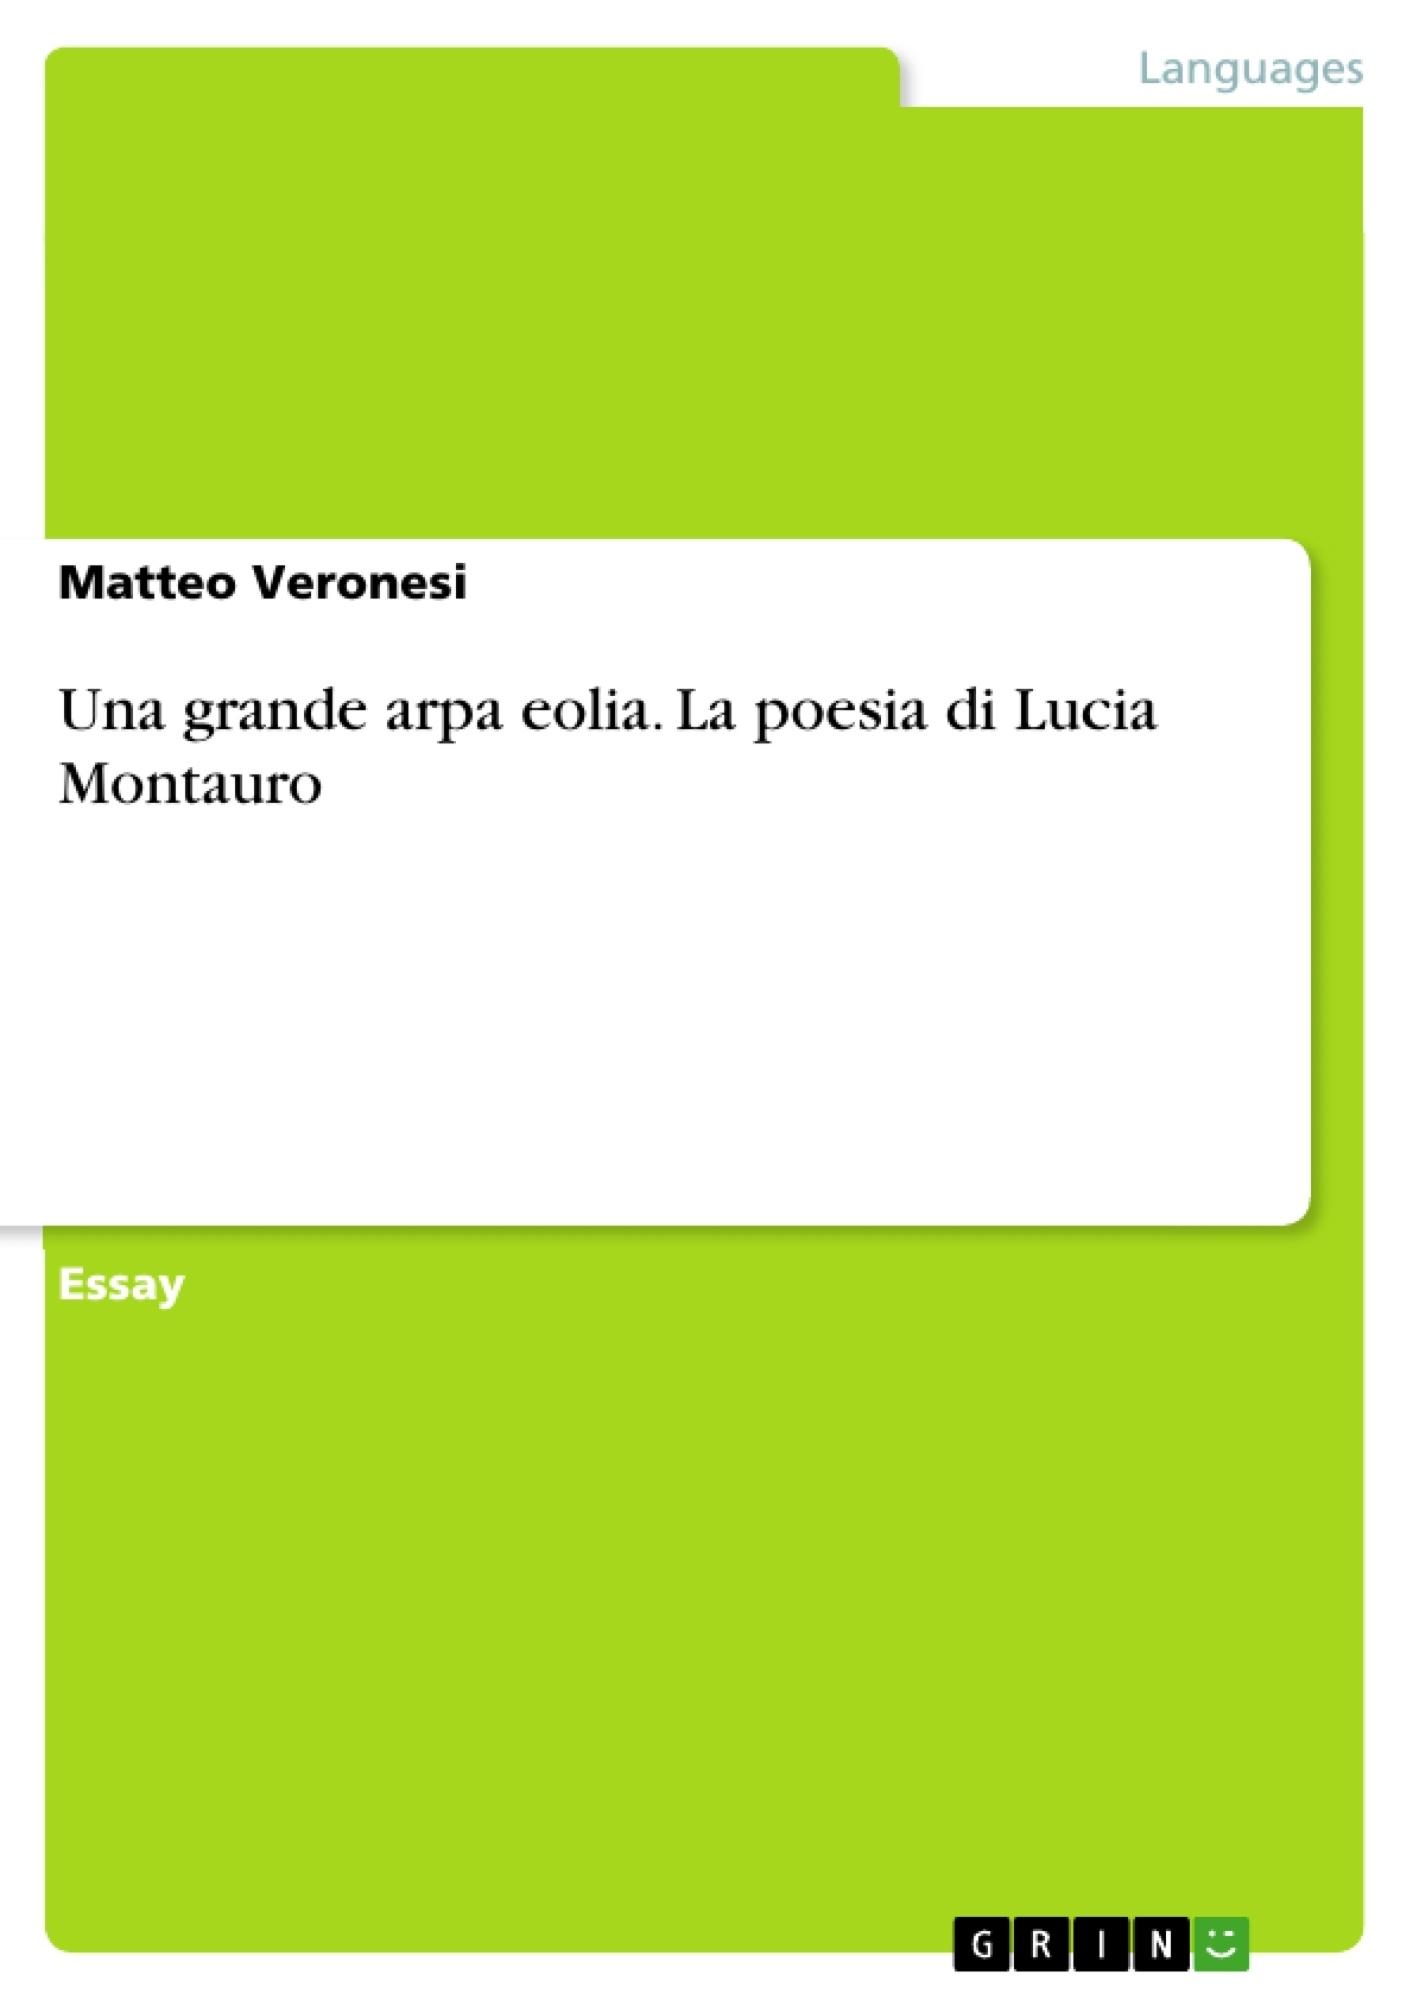 Title: Una grande arpa eolia. La poesia di Lucia Montauro